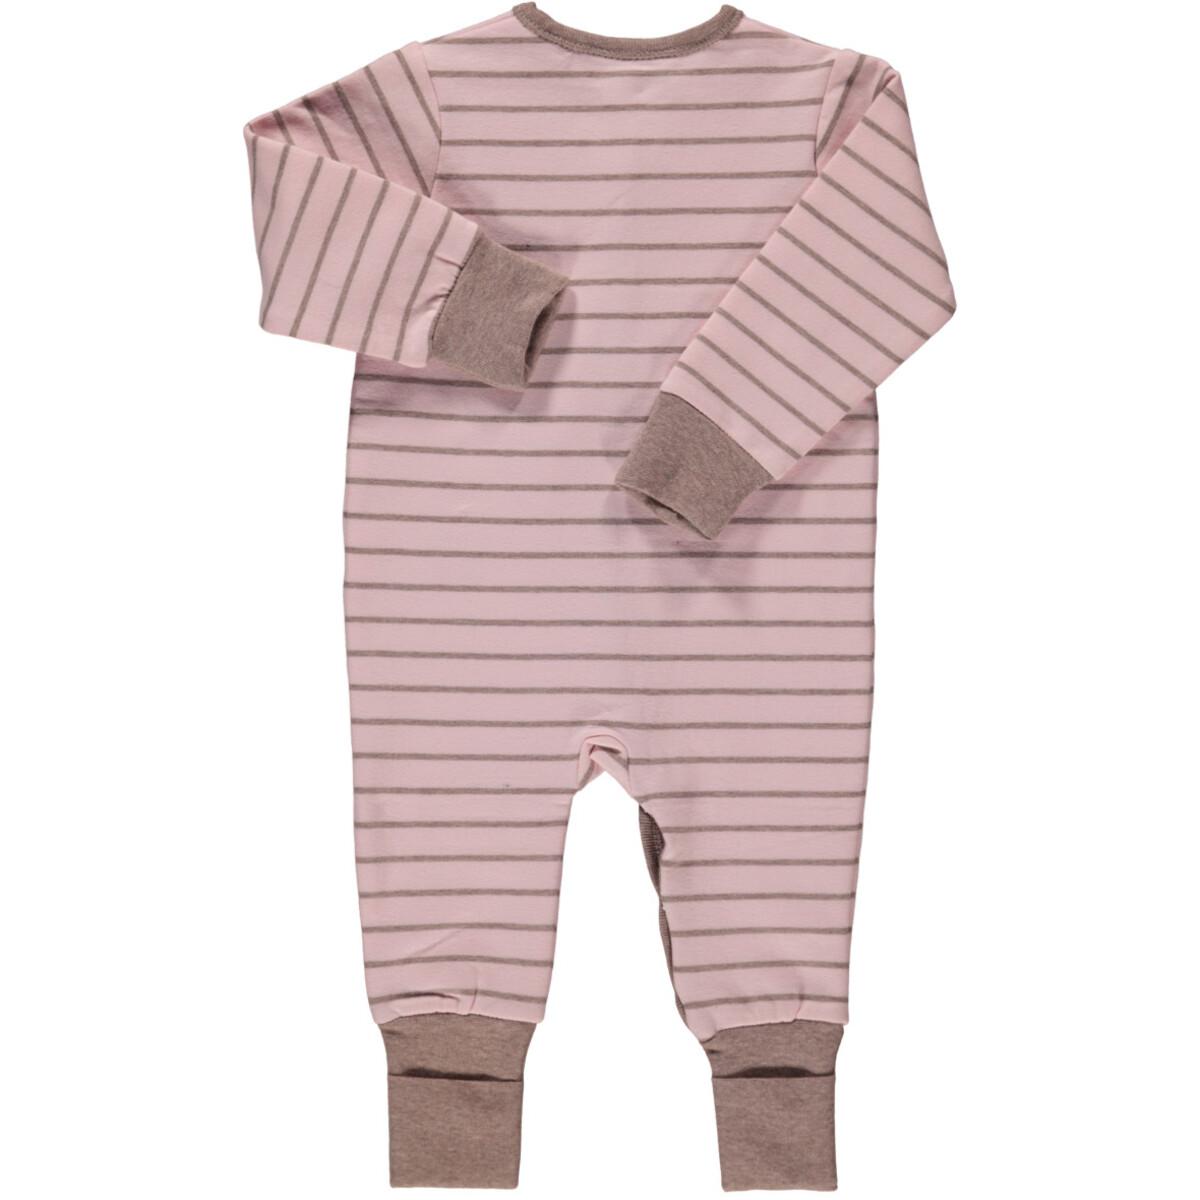 Bild 2 von Baby Mädchen Langarm-Schlafanzug